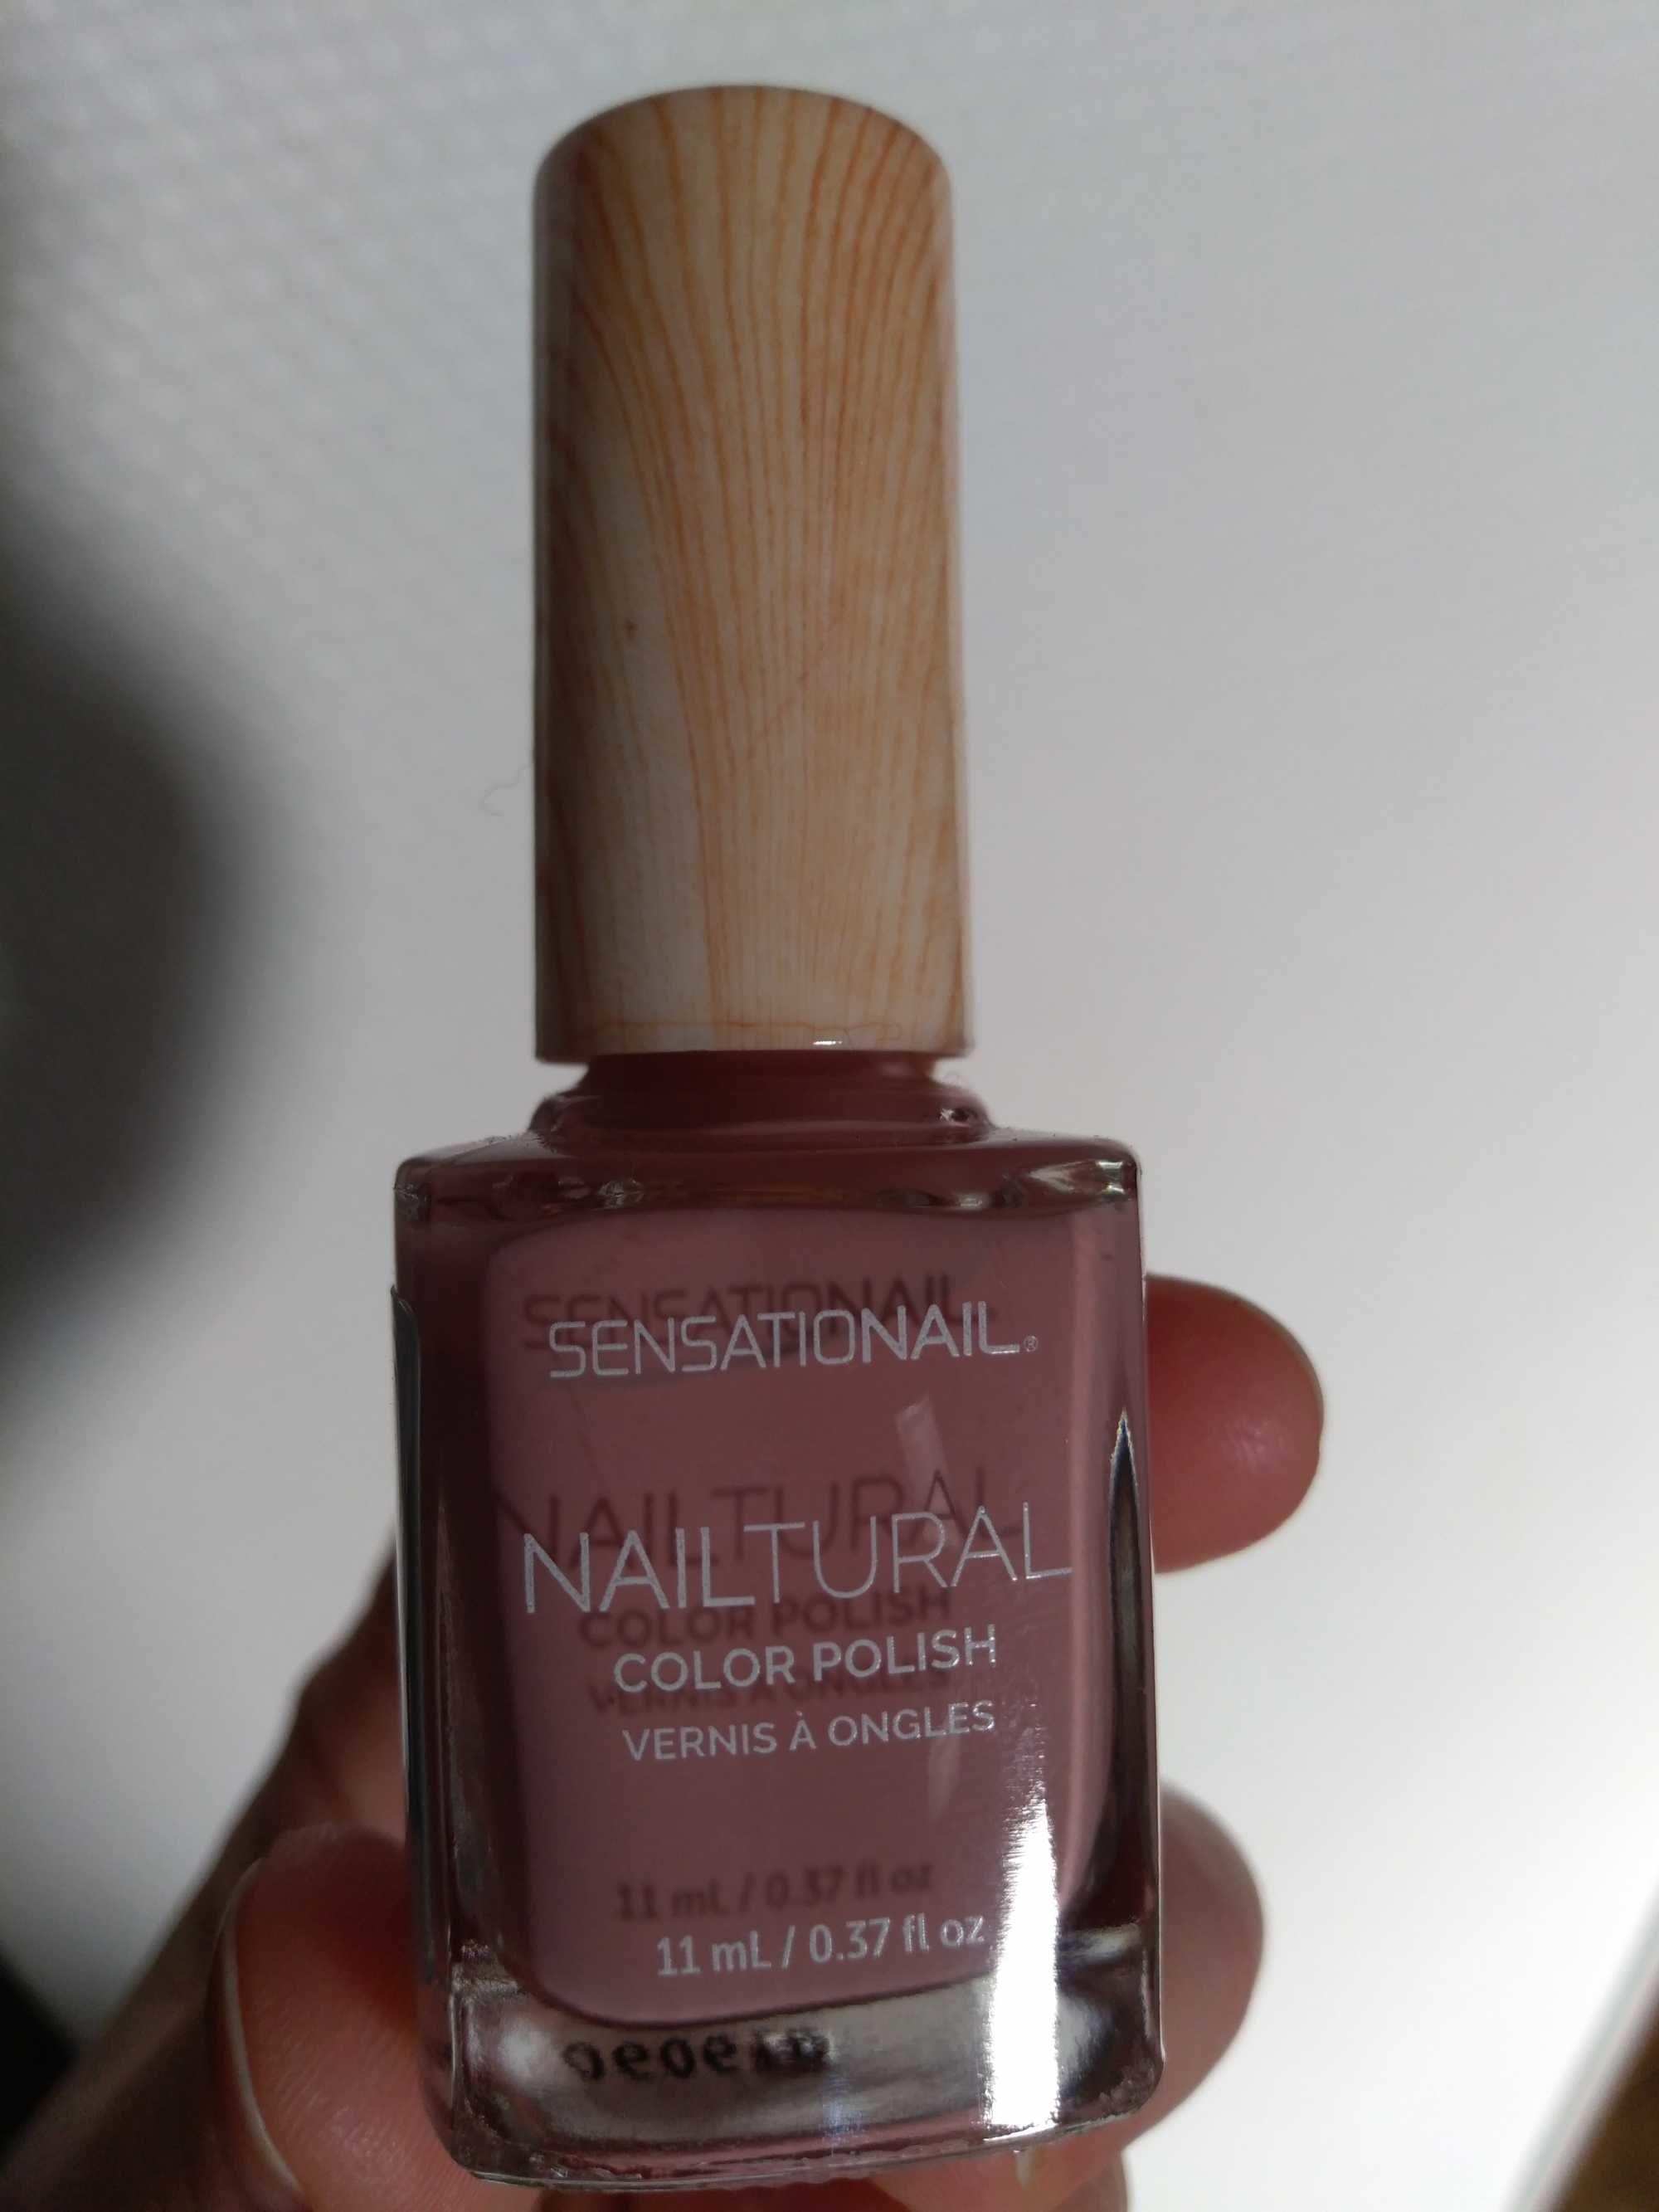 NAILTURAL - Product